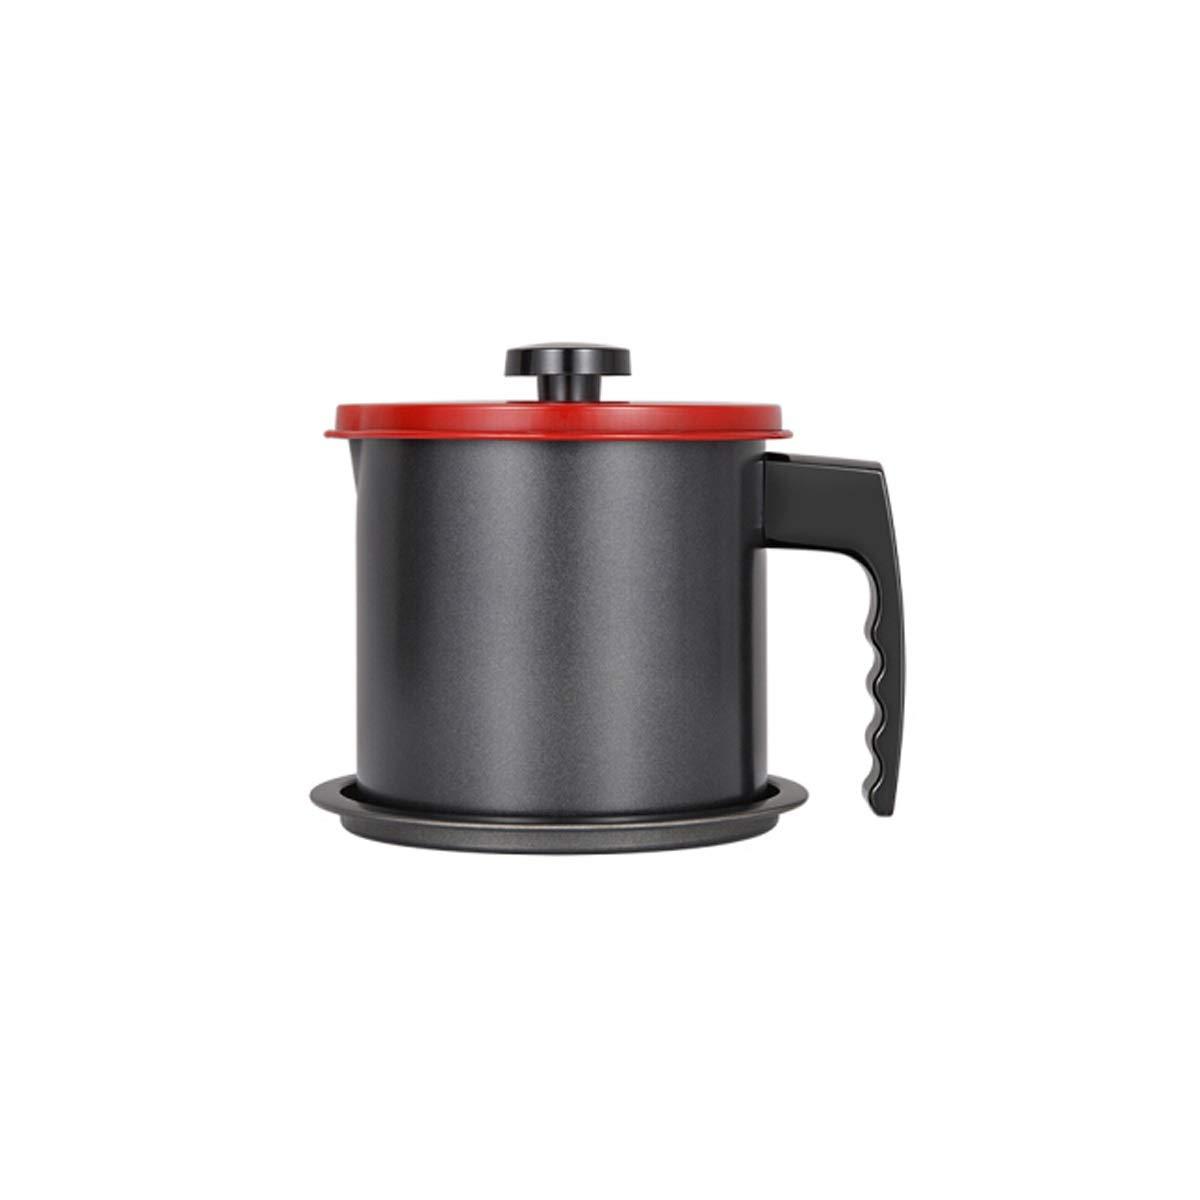 HENGTONGTONGXUN Oil Filter Pot Kitchen Household Leak-Proof Oil Bottle with Filter Oil Pot Multi-Function Oil Pot Oil Plug (Capacity : 1.3L) by HENGTONGTONGXUN